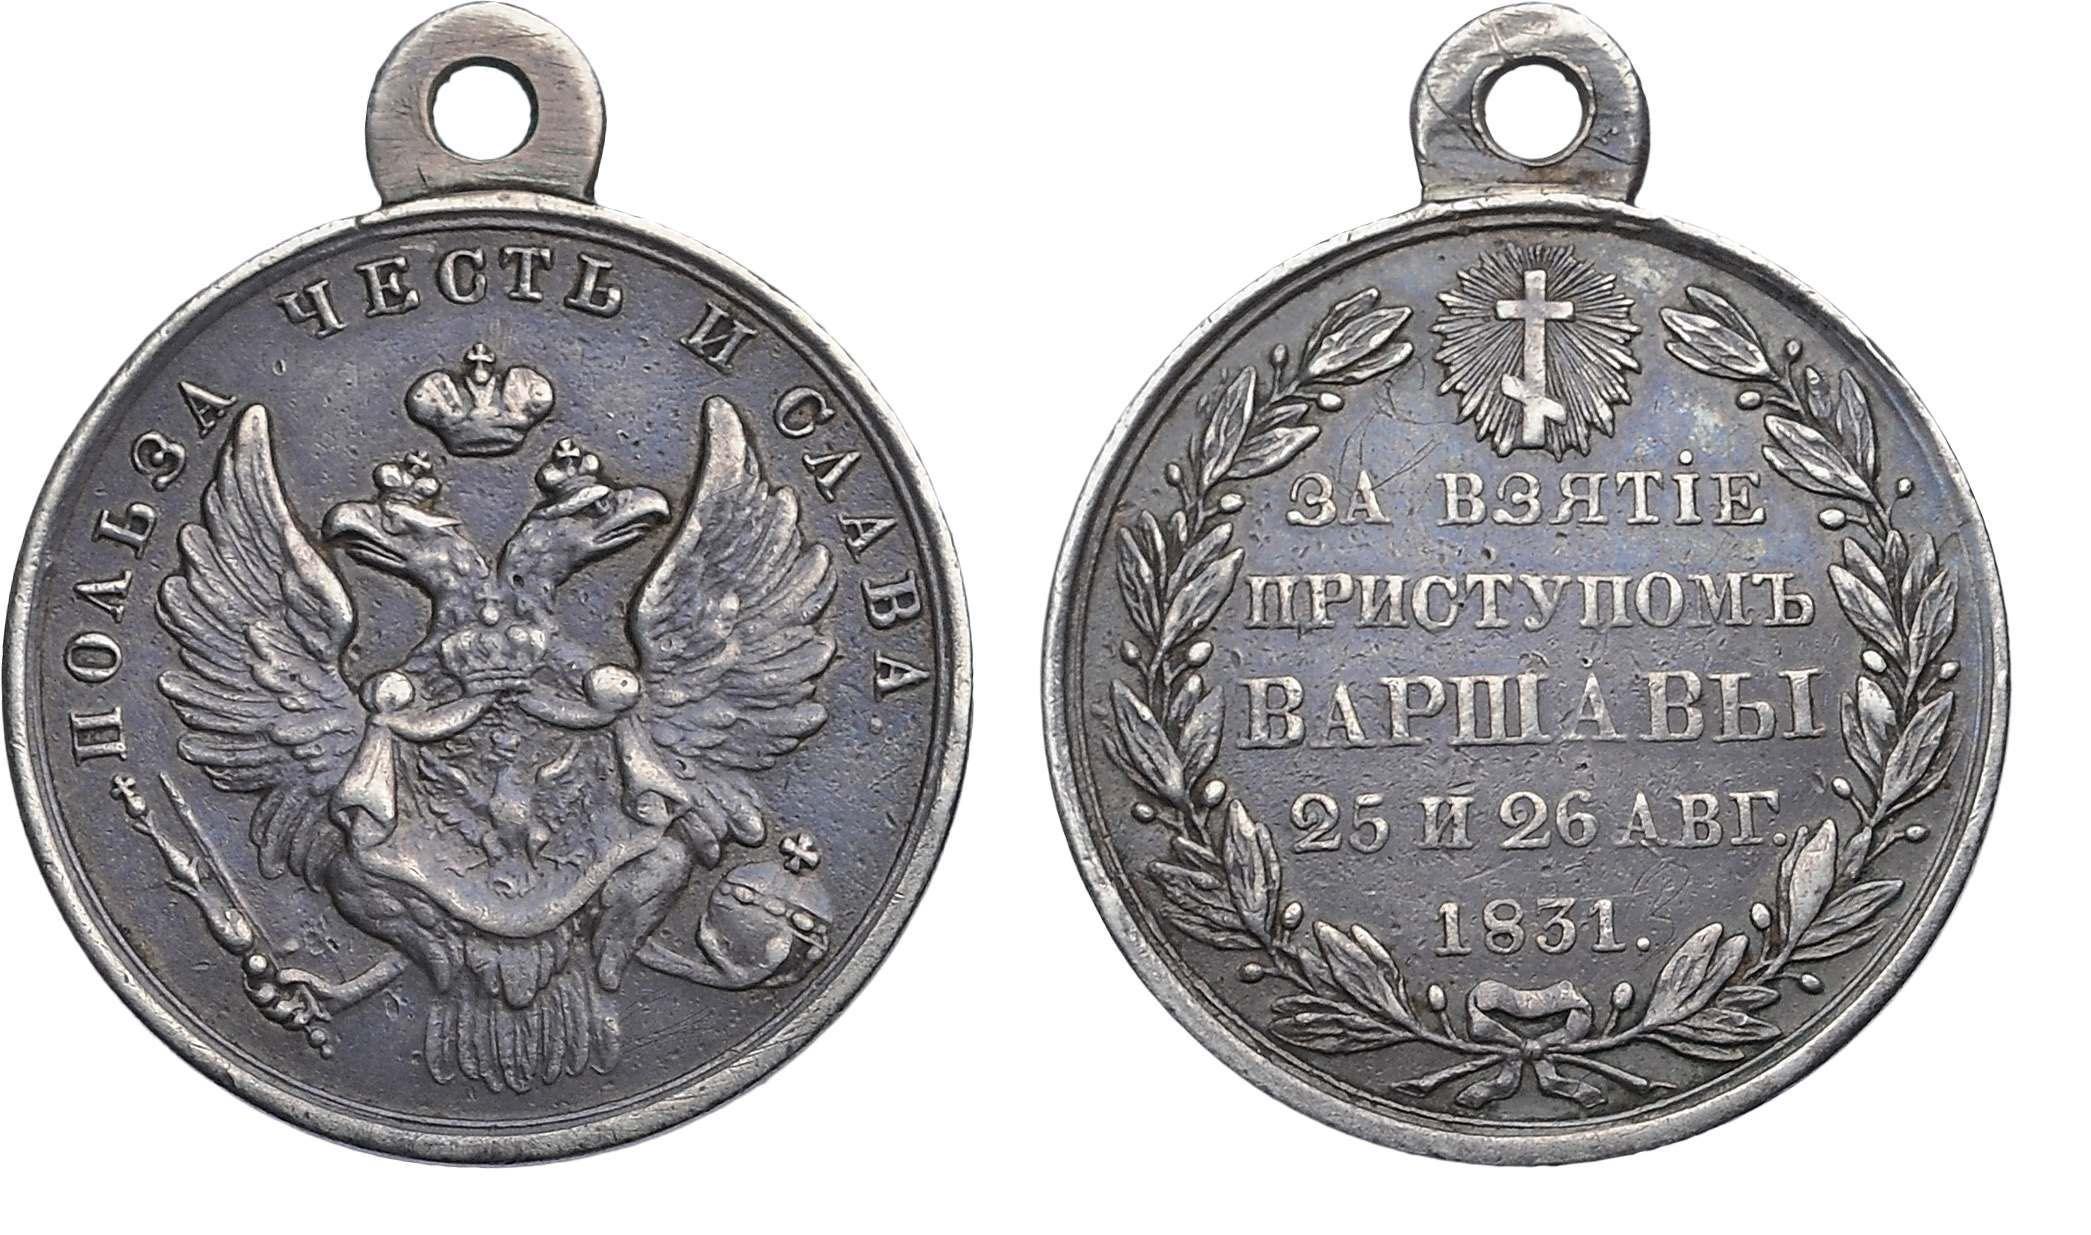 Наградная медаль «За взятие приступом Варшавы 25 и 26 августа 1831 г.»